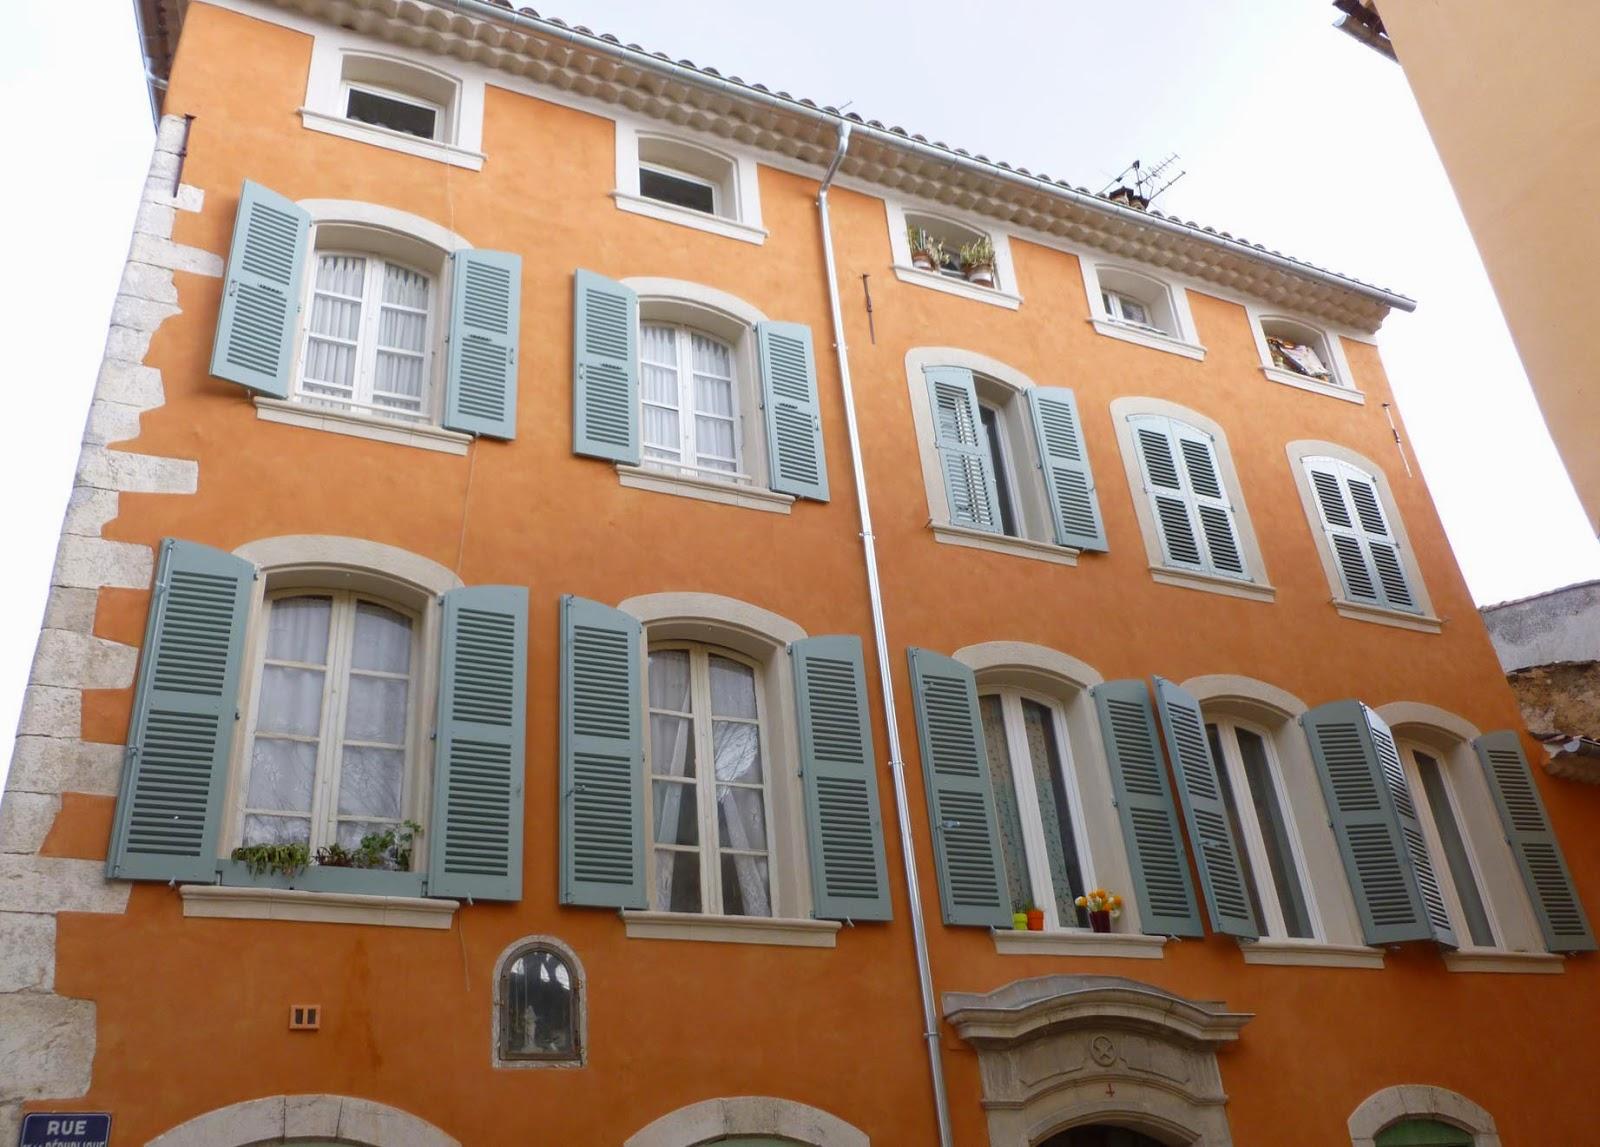 Couleurs Facades En Provence provence.pays niçois.ville de menton.ligurie. architecture